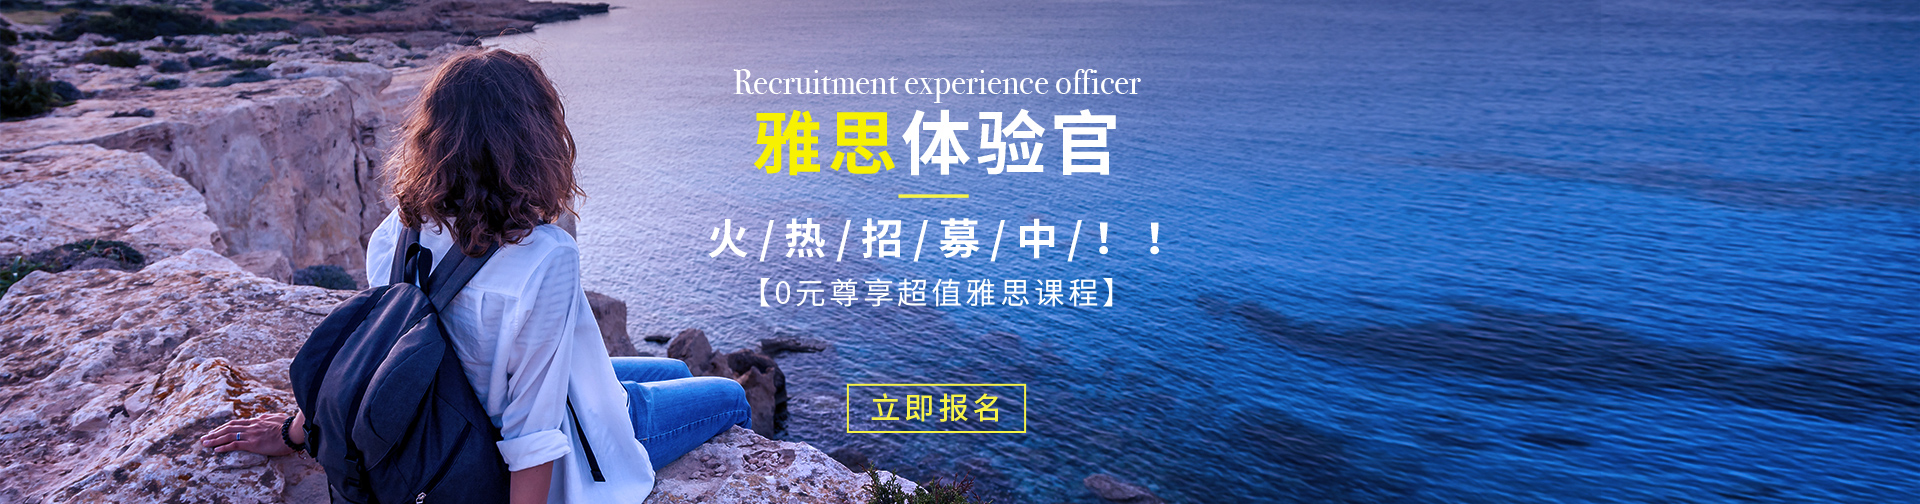 http://myoffer-public.oss-cn-shenzhen.aliyuncs.com/banners/c834f7f4bba1c0e79db79c493a202c89-659311-1920x504.jpeg